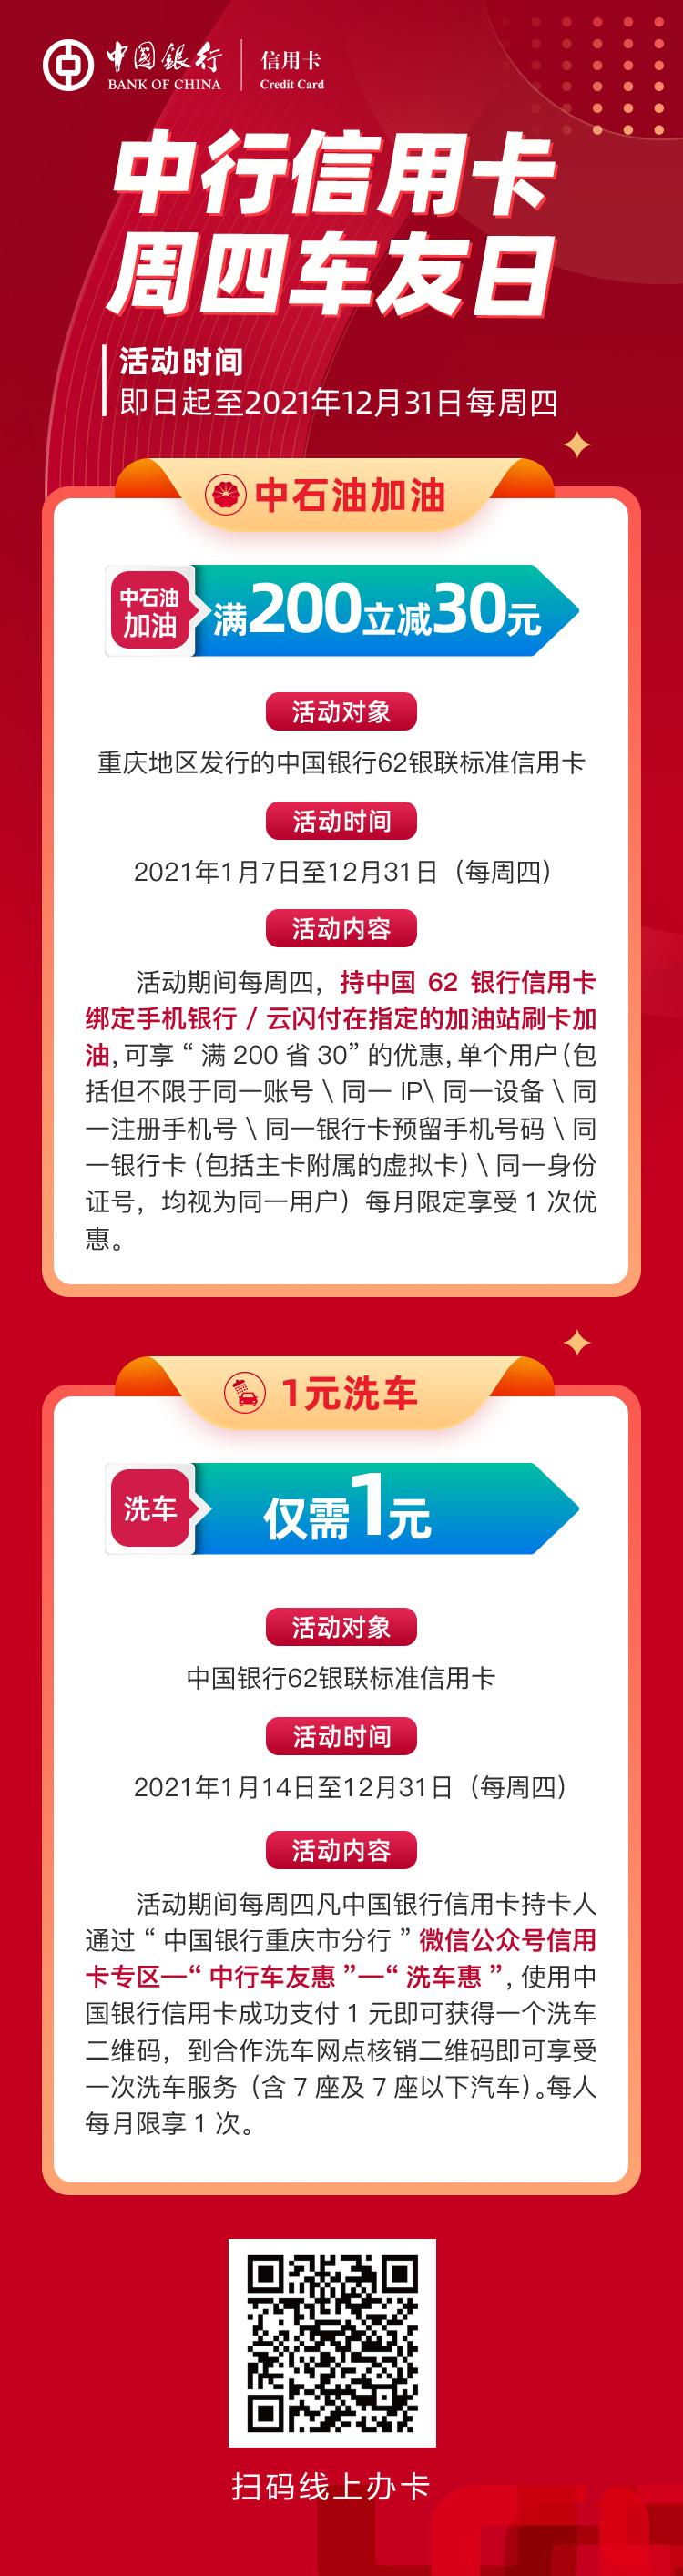 中国银行丨中行信用卡 周四车友日